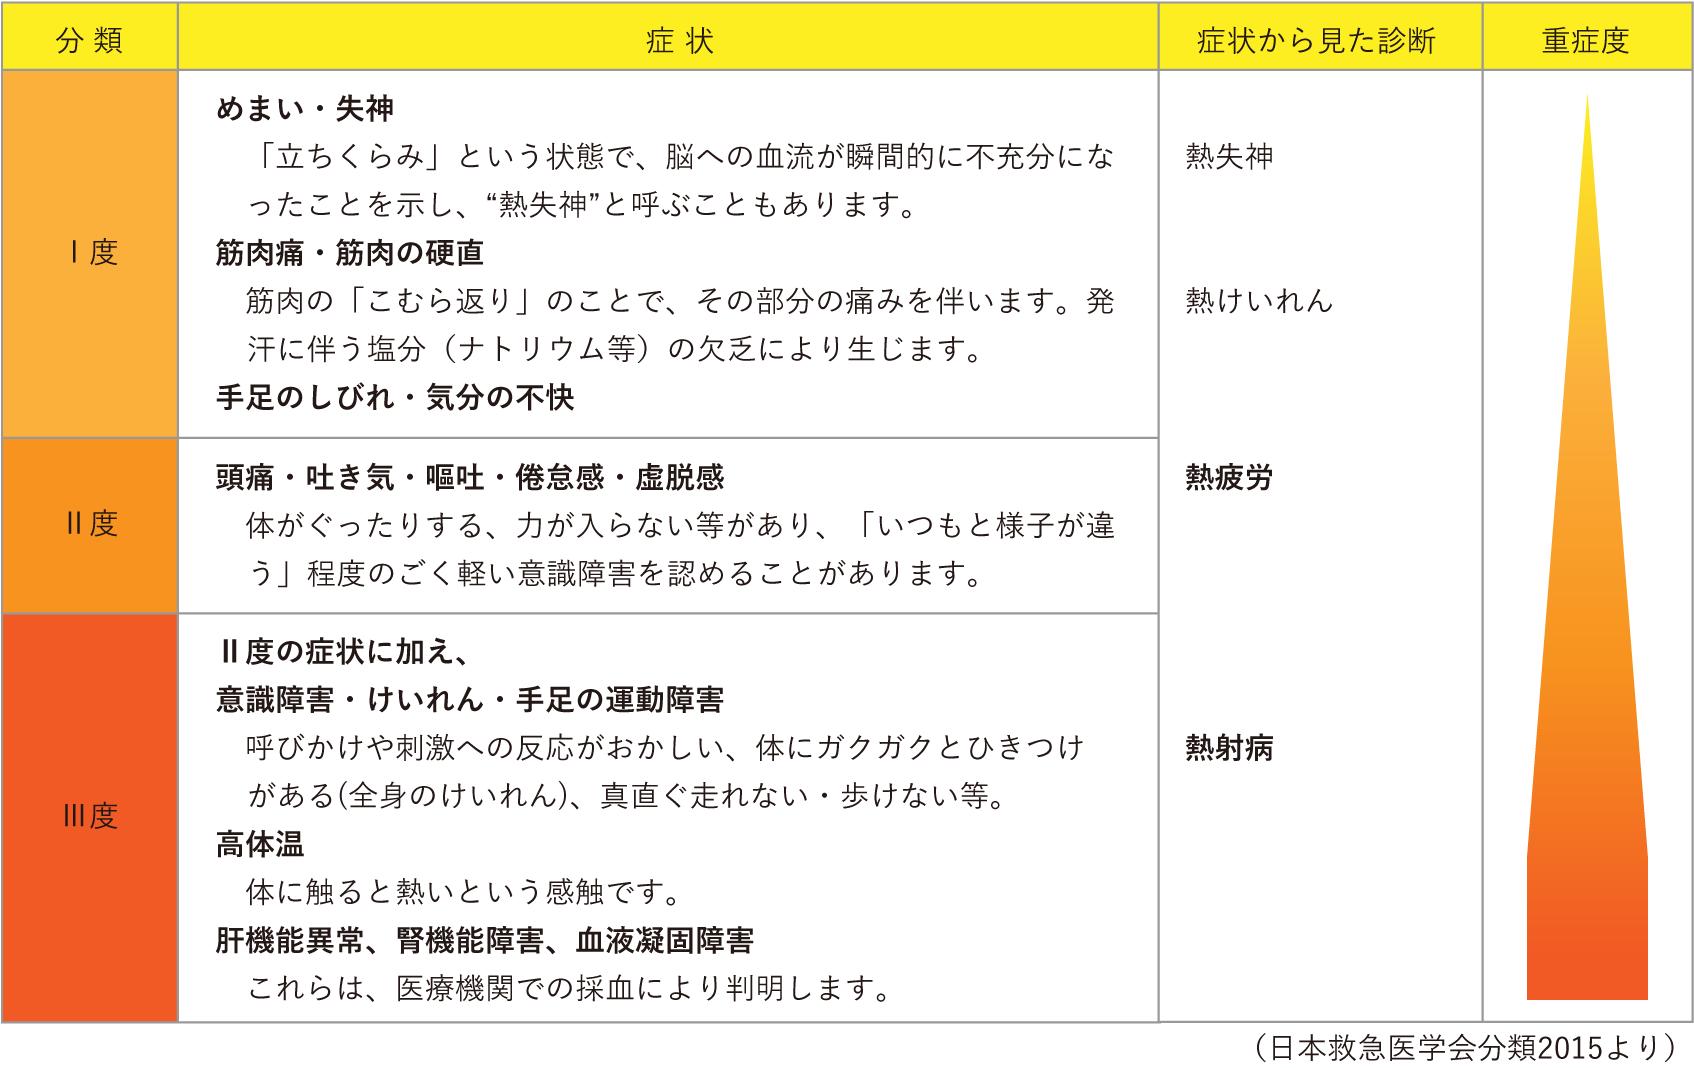 熱中症の症状と重症度分類